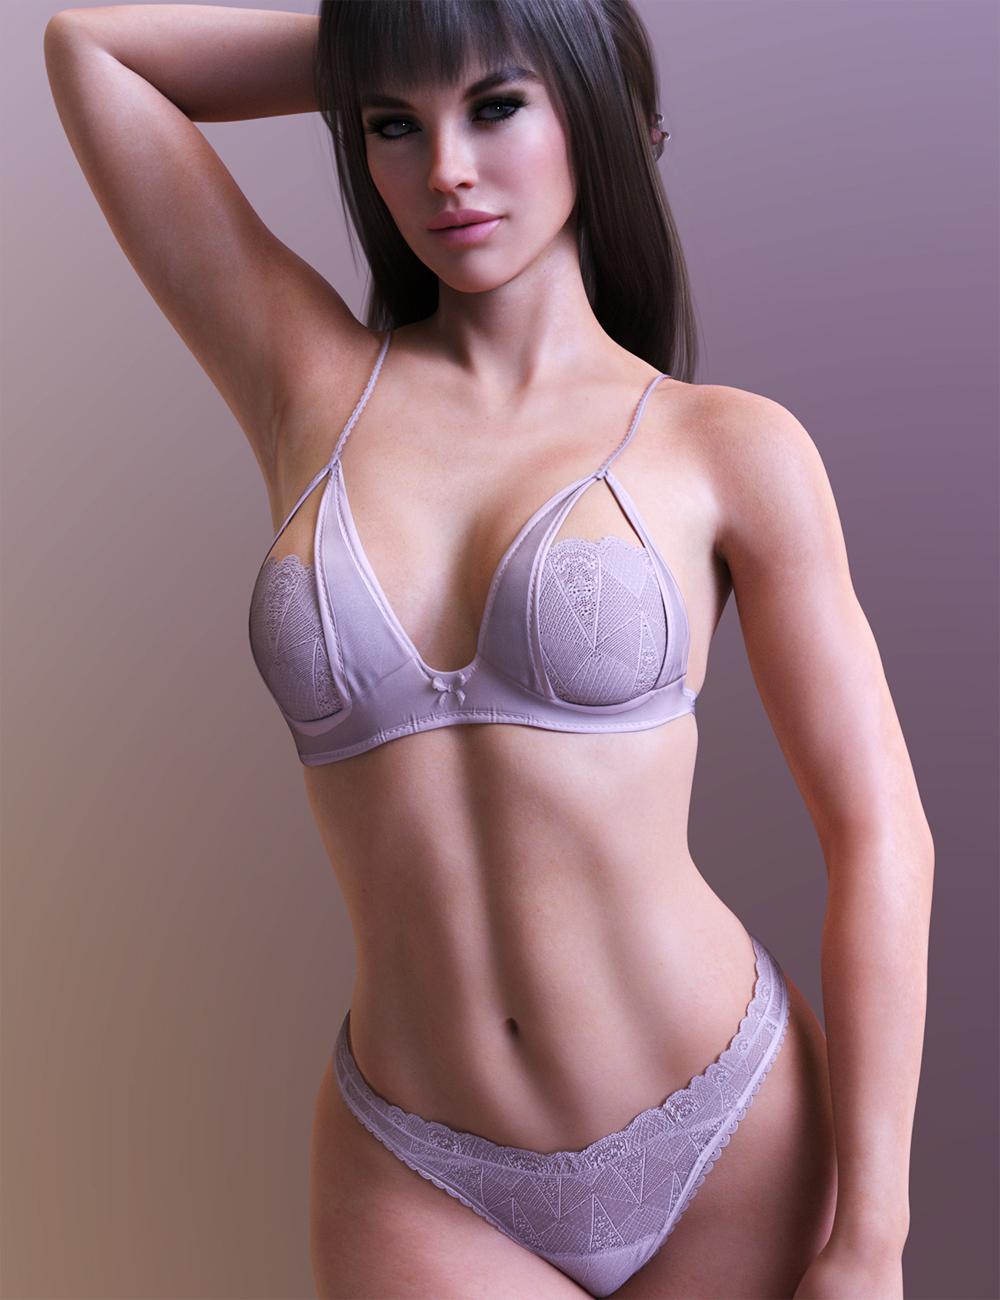 X-Fashion Lightweight Lingerie Set by: xtrart-3d, 3D Models by Daz 3D